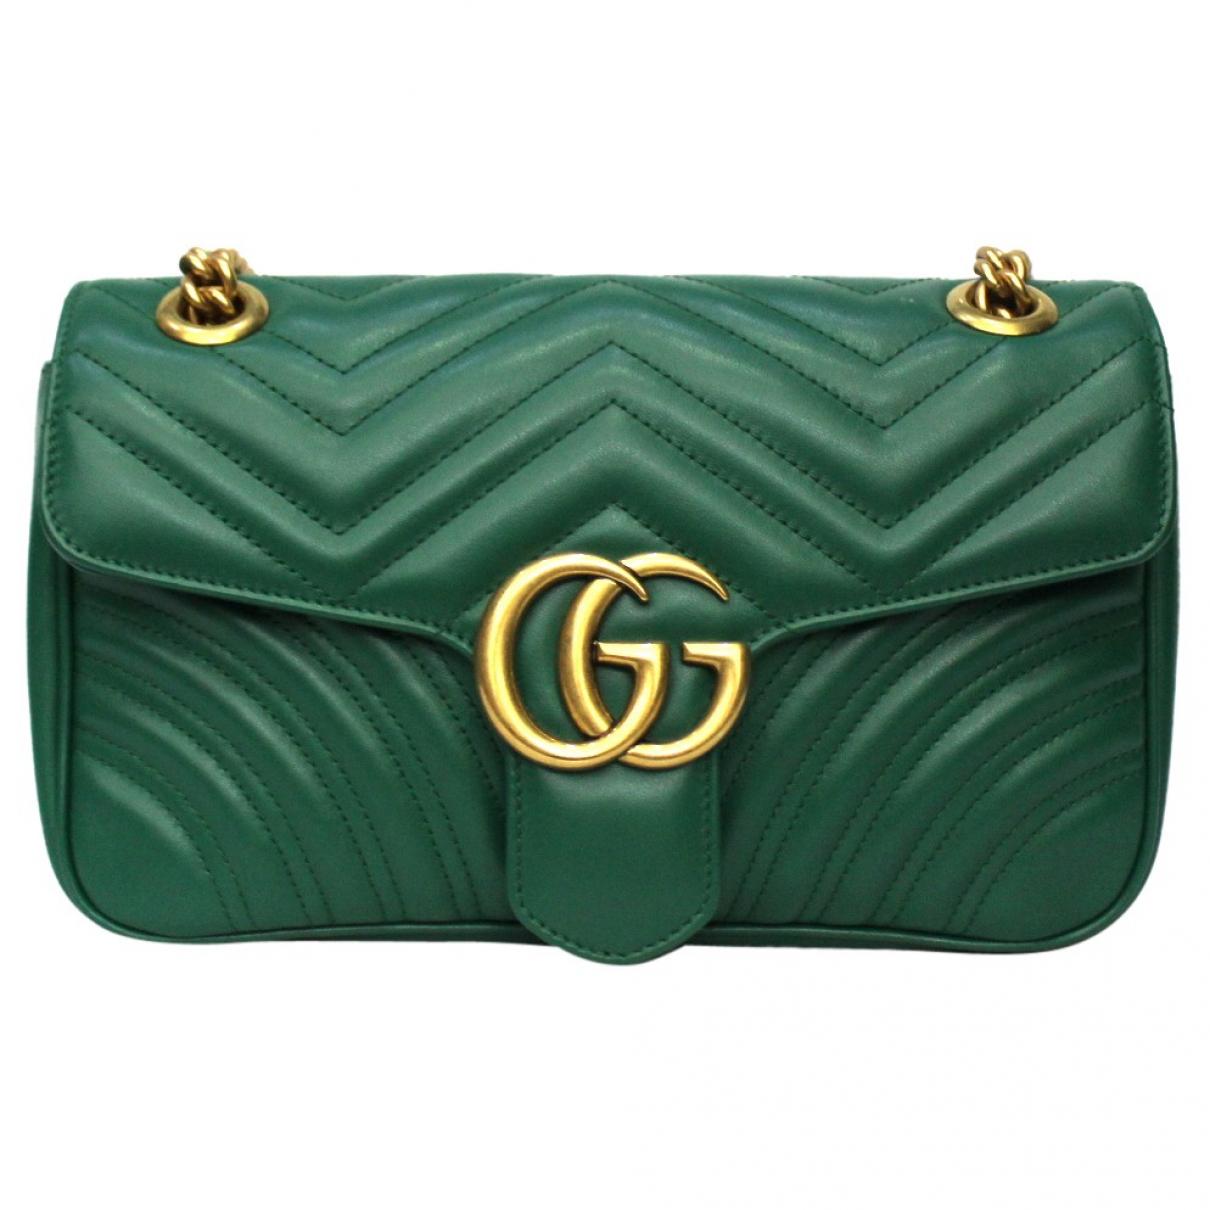 Gucci - Sac a main Marmont pour femme en cuir - vert